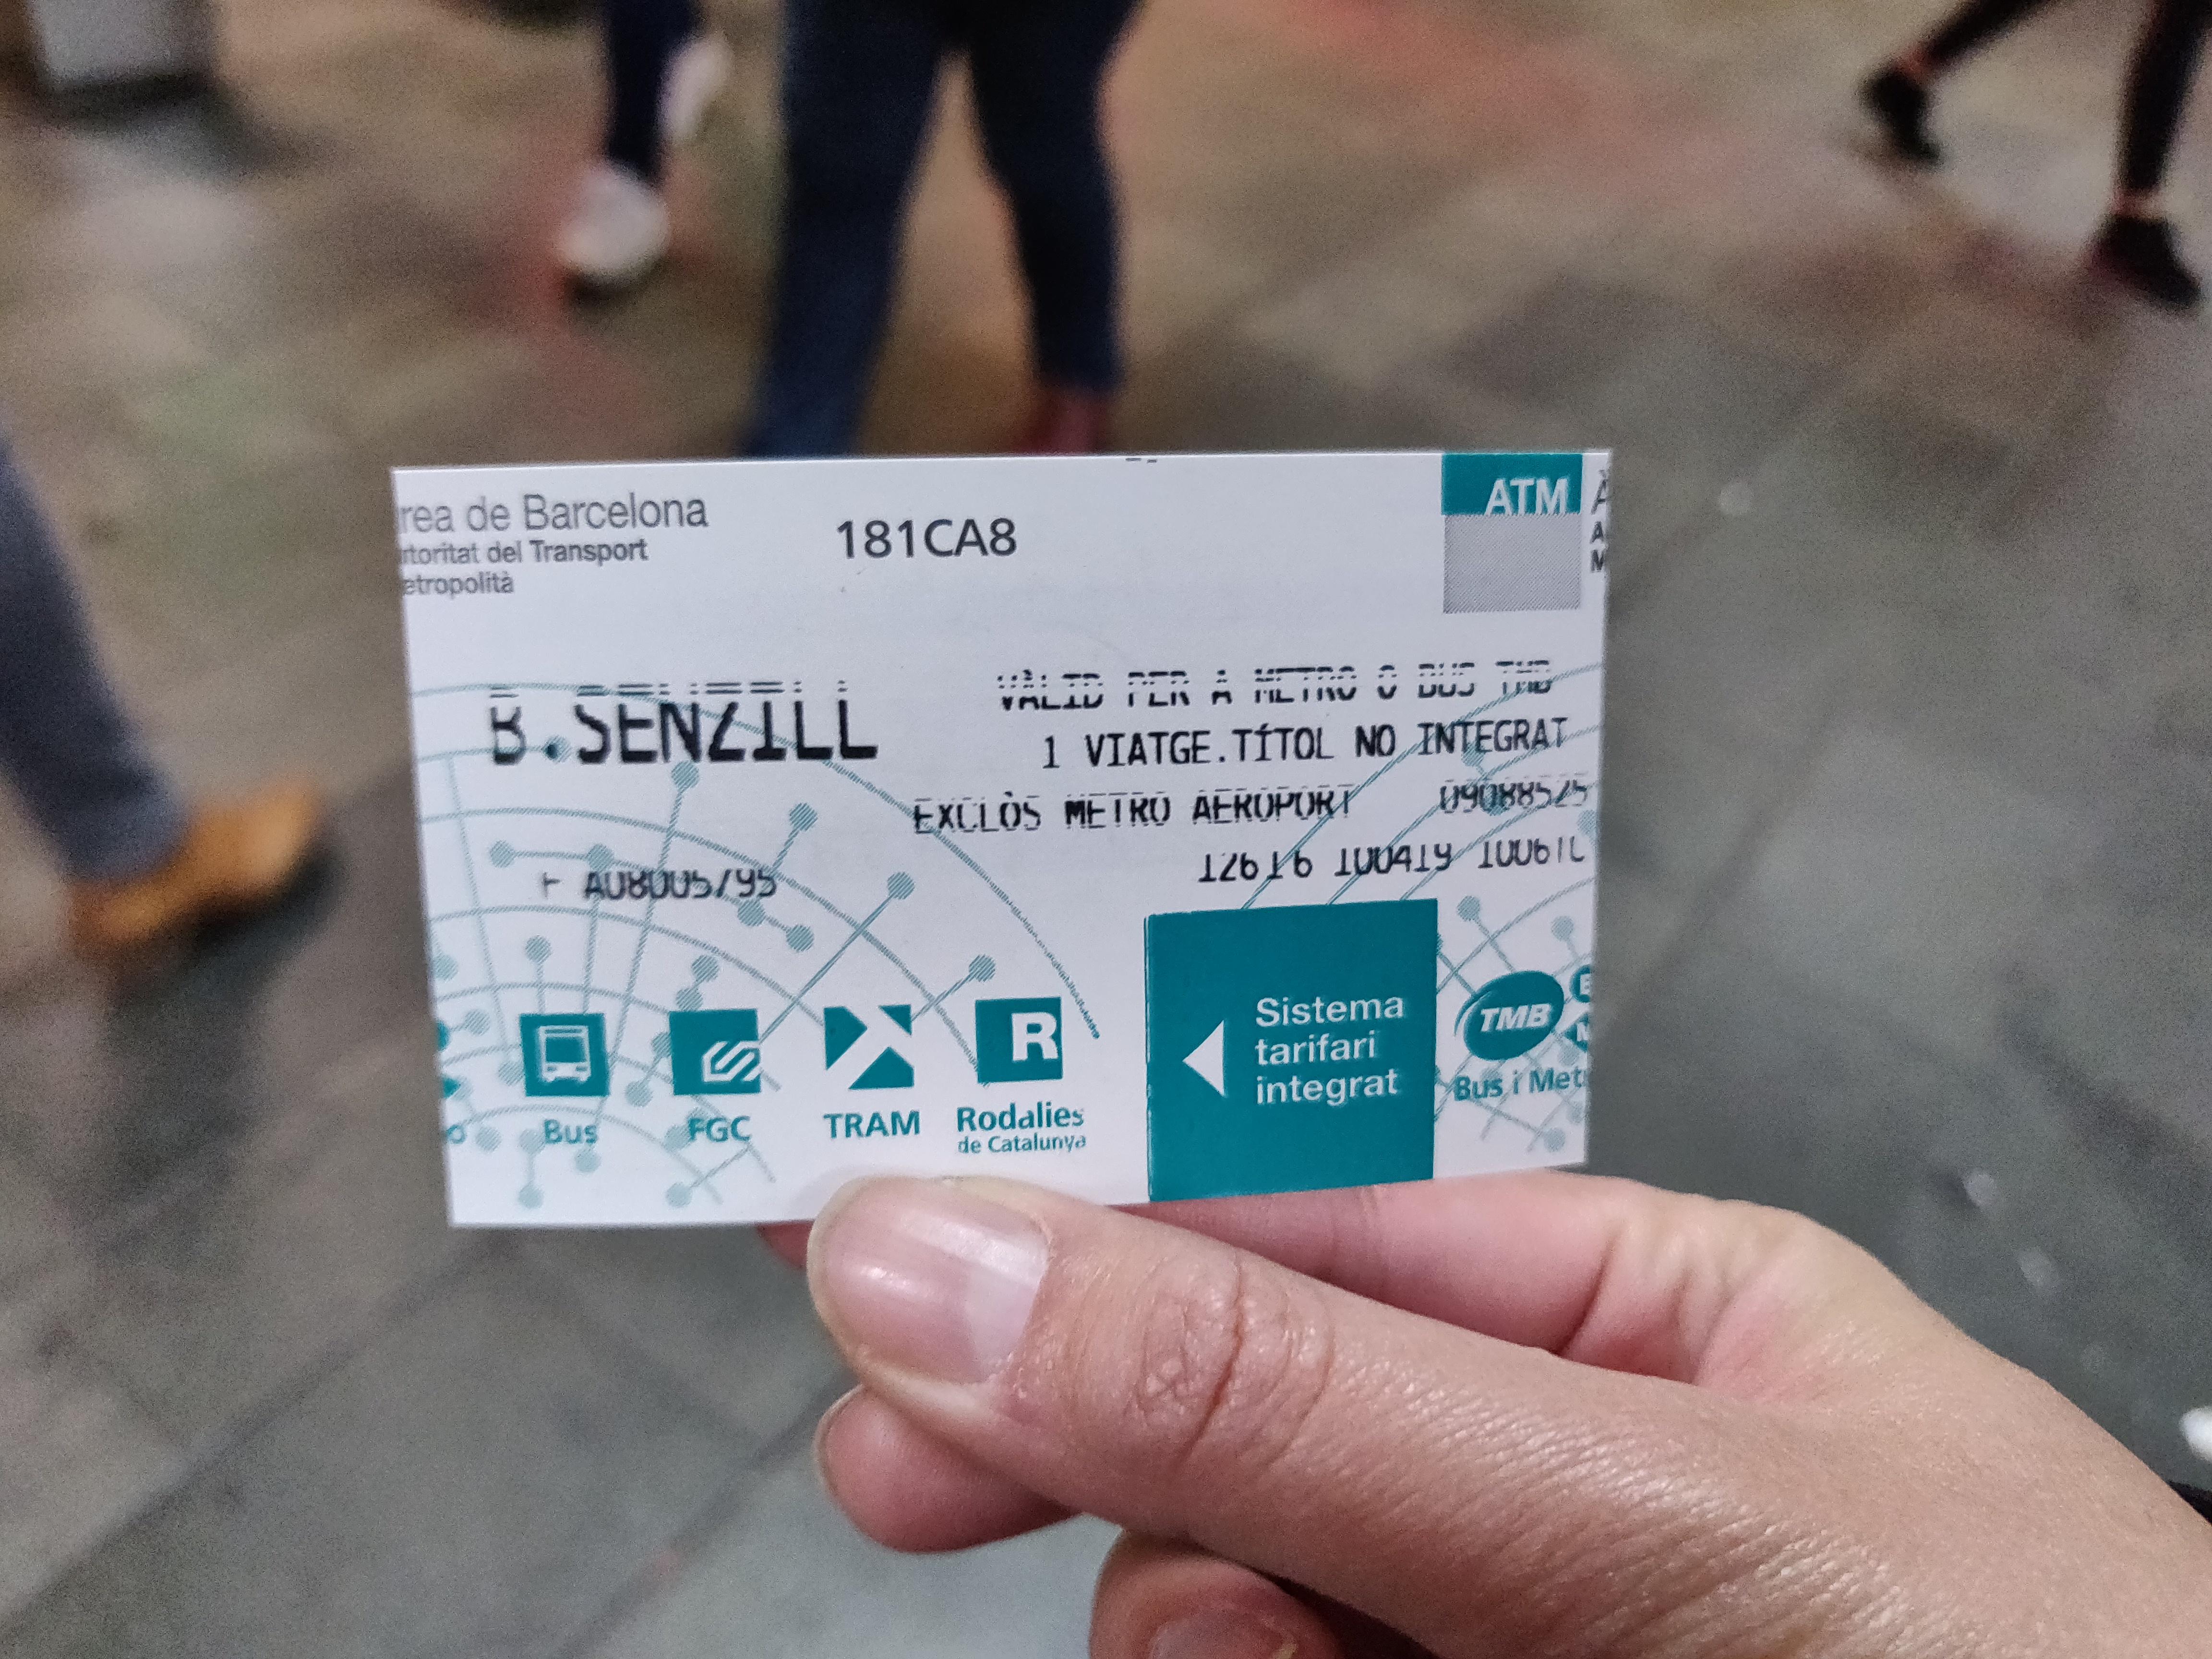 バルセロナ観光 地下鉄(メトロ)の切符 シングルチケット